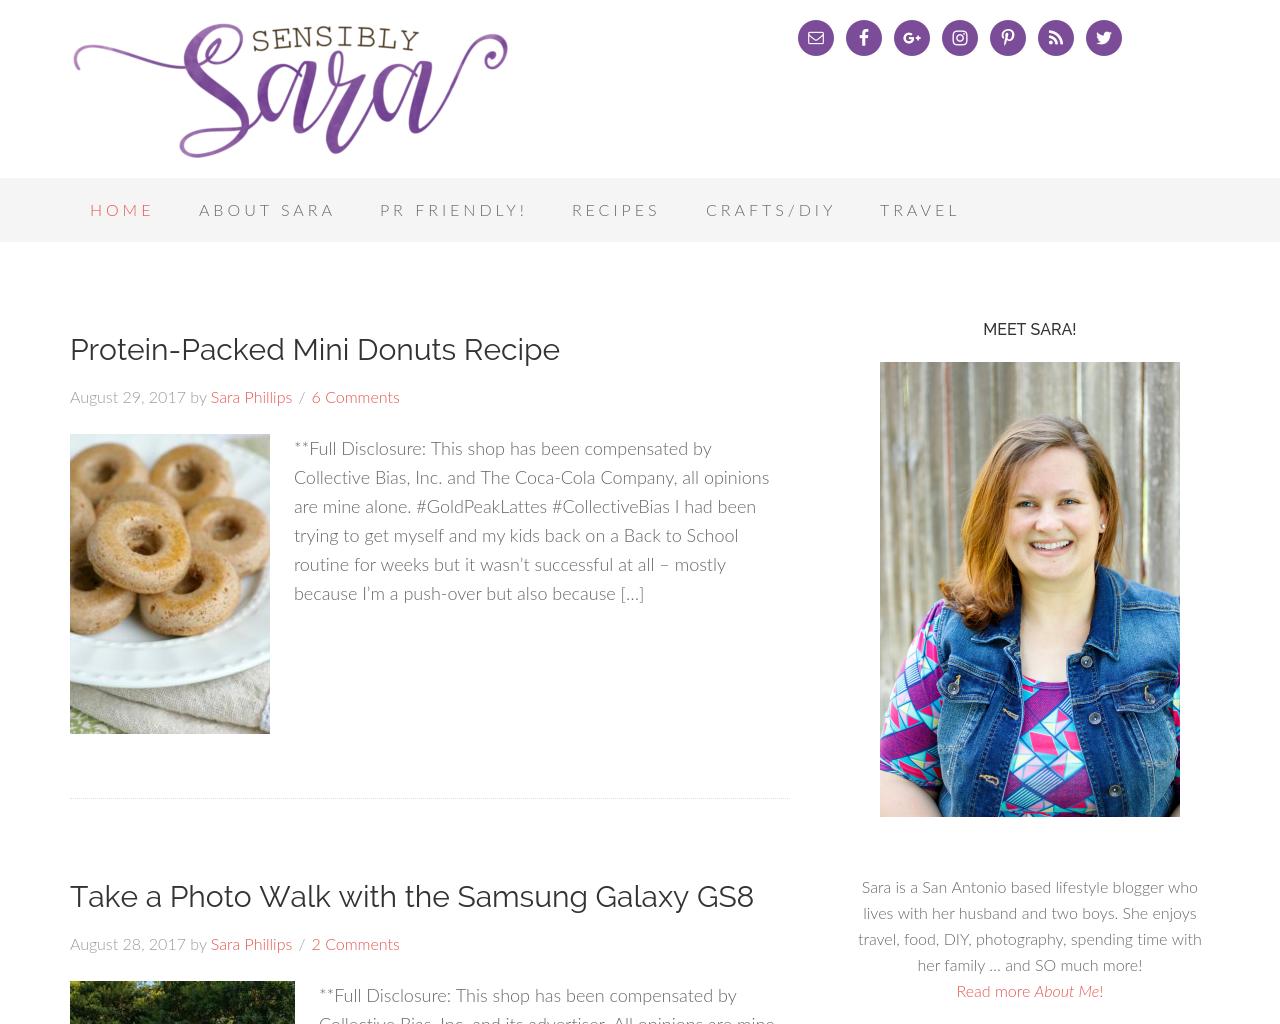 SensiblySara-Advertising-Reviews-Pricing